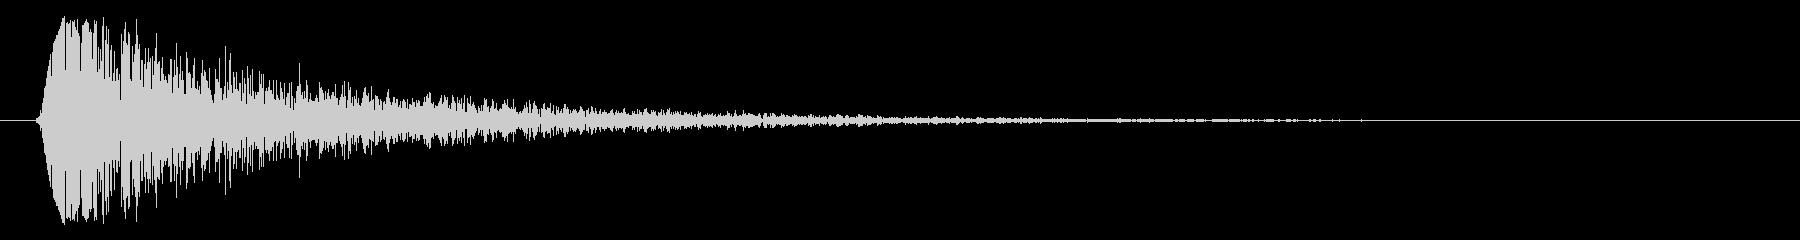 スチール系スネアドラムの音の未再生の波形